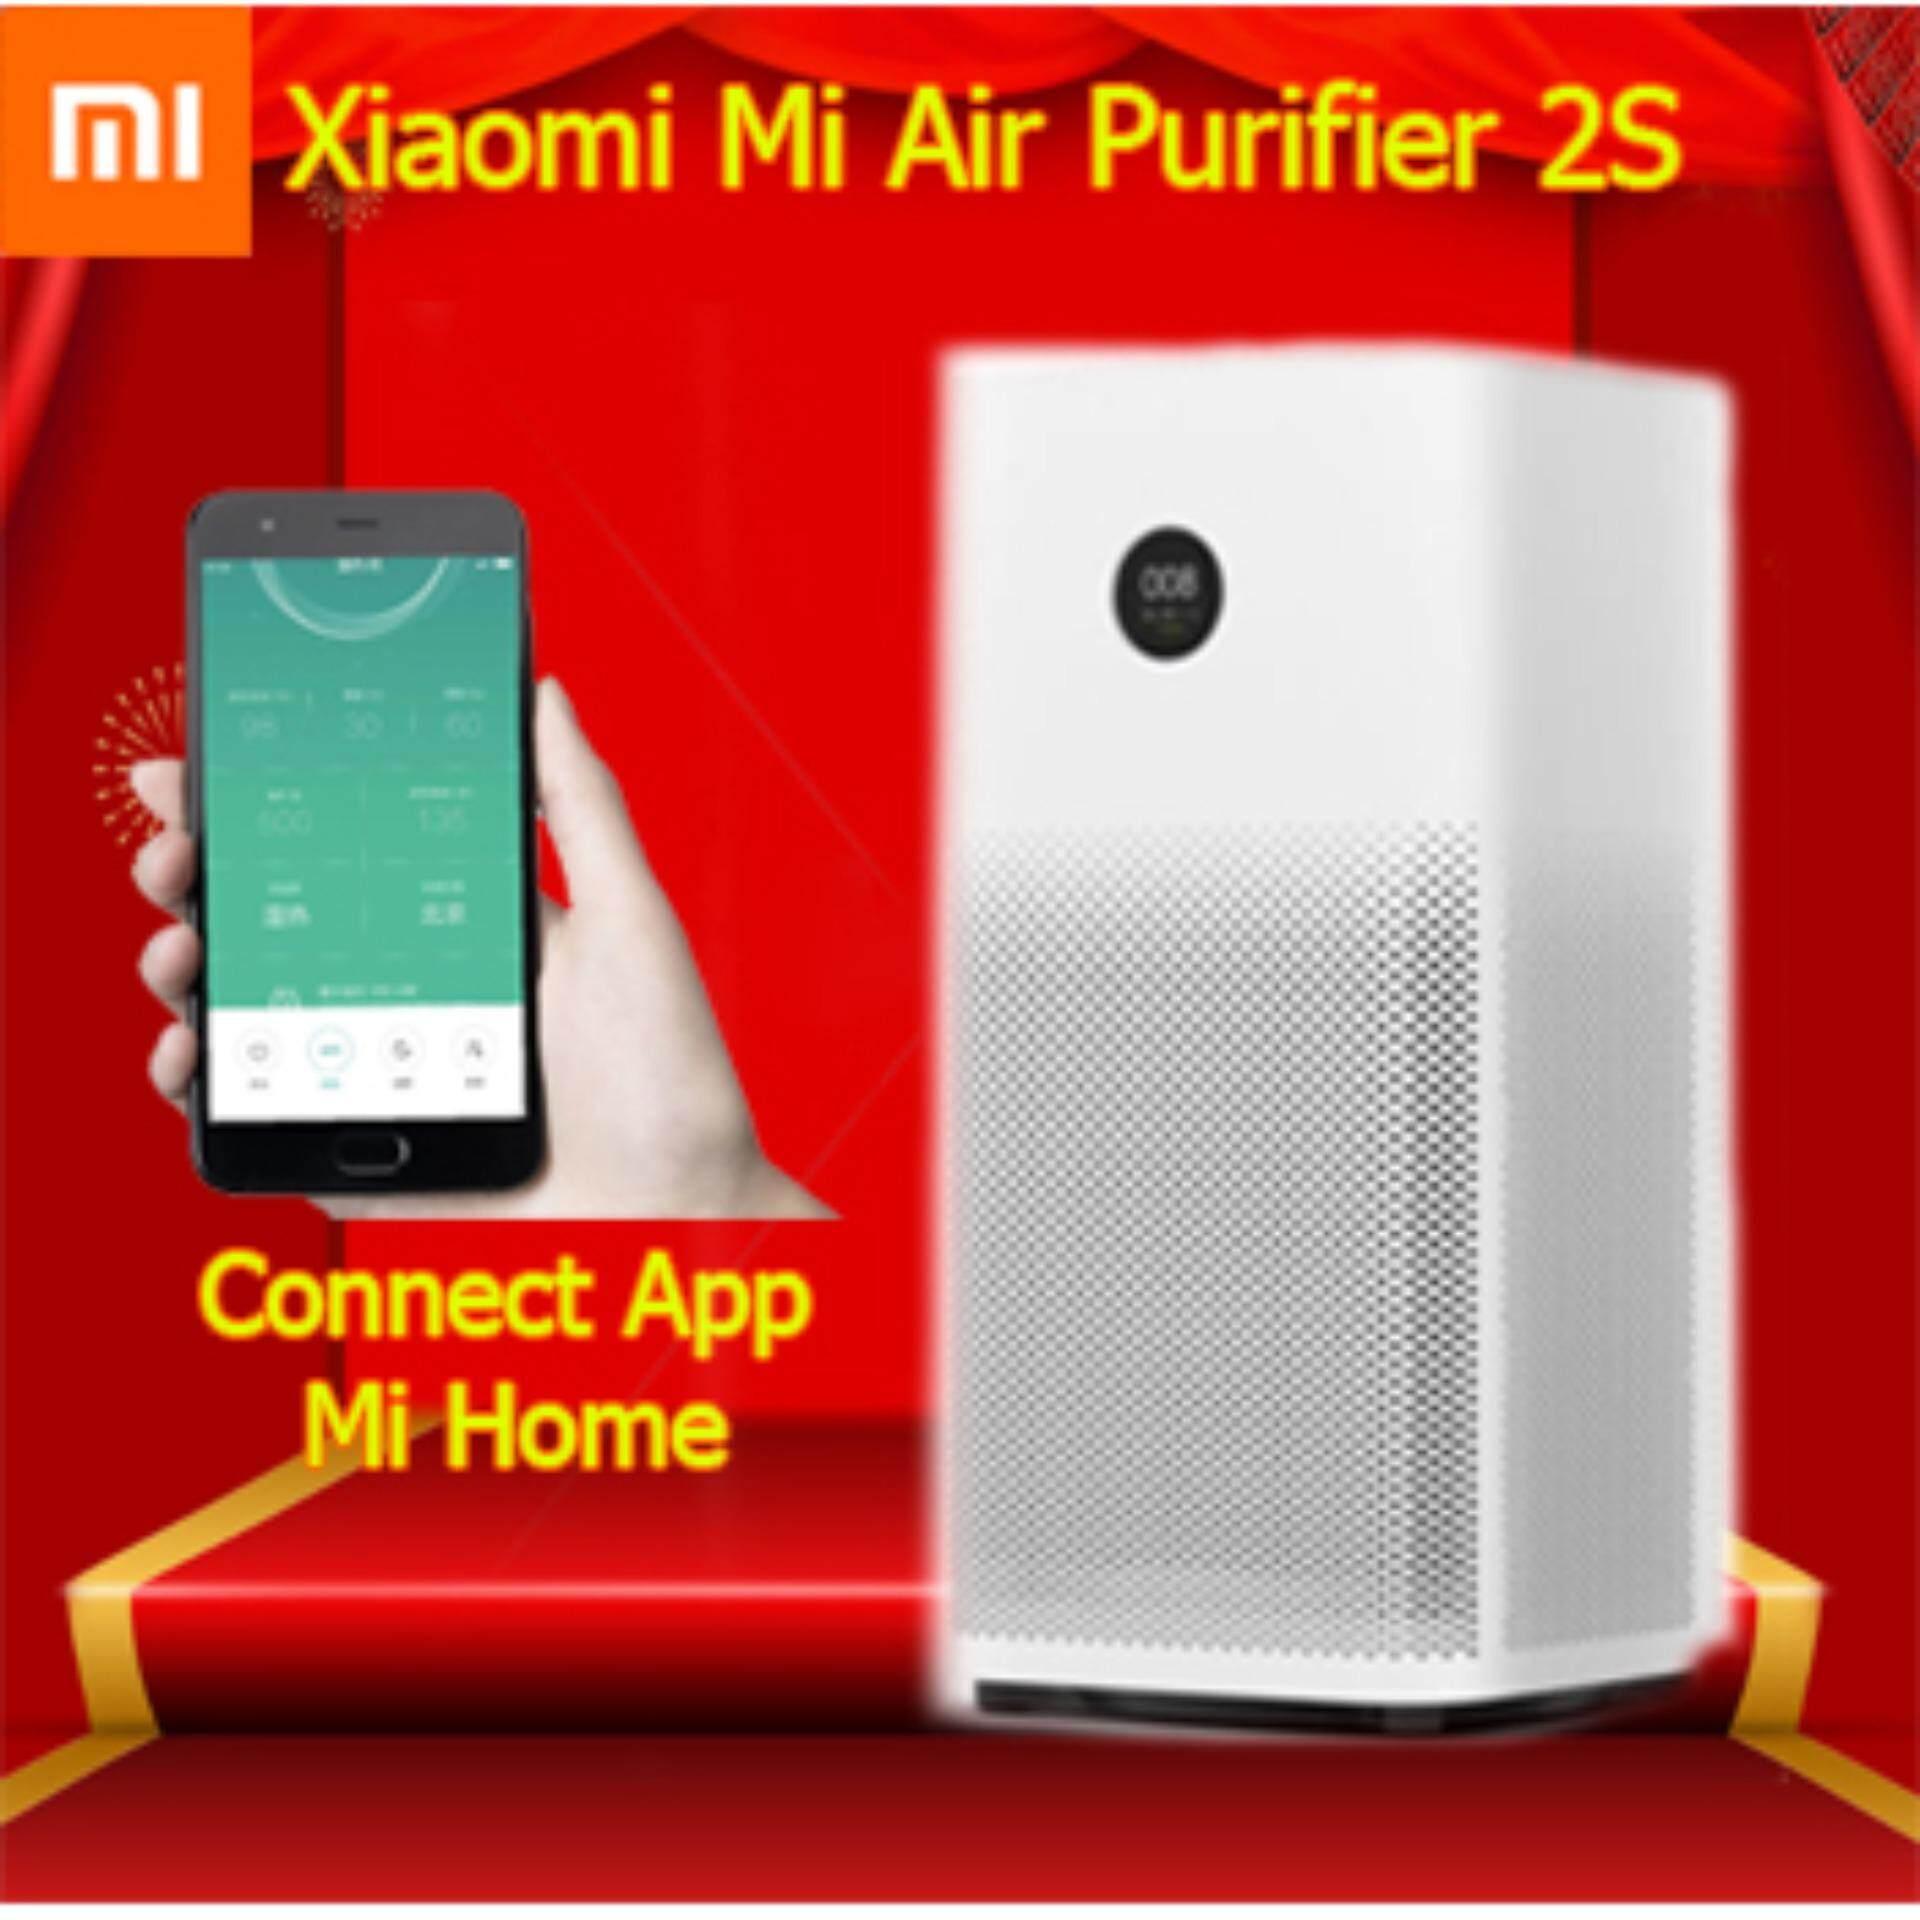 กาฬสินธุ์ พร้อมส่ง!! เครื่องฟอกอากาศ Xiaomi Mi Air Purifier 2S [[รับปะกัน 1 ปี]] มีคู่มือแถมให้ ใช้งานดีมาก